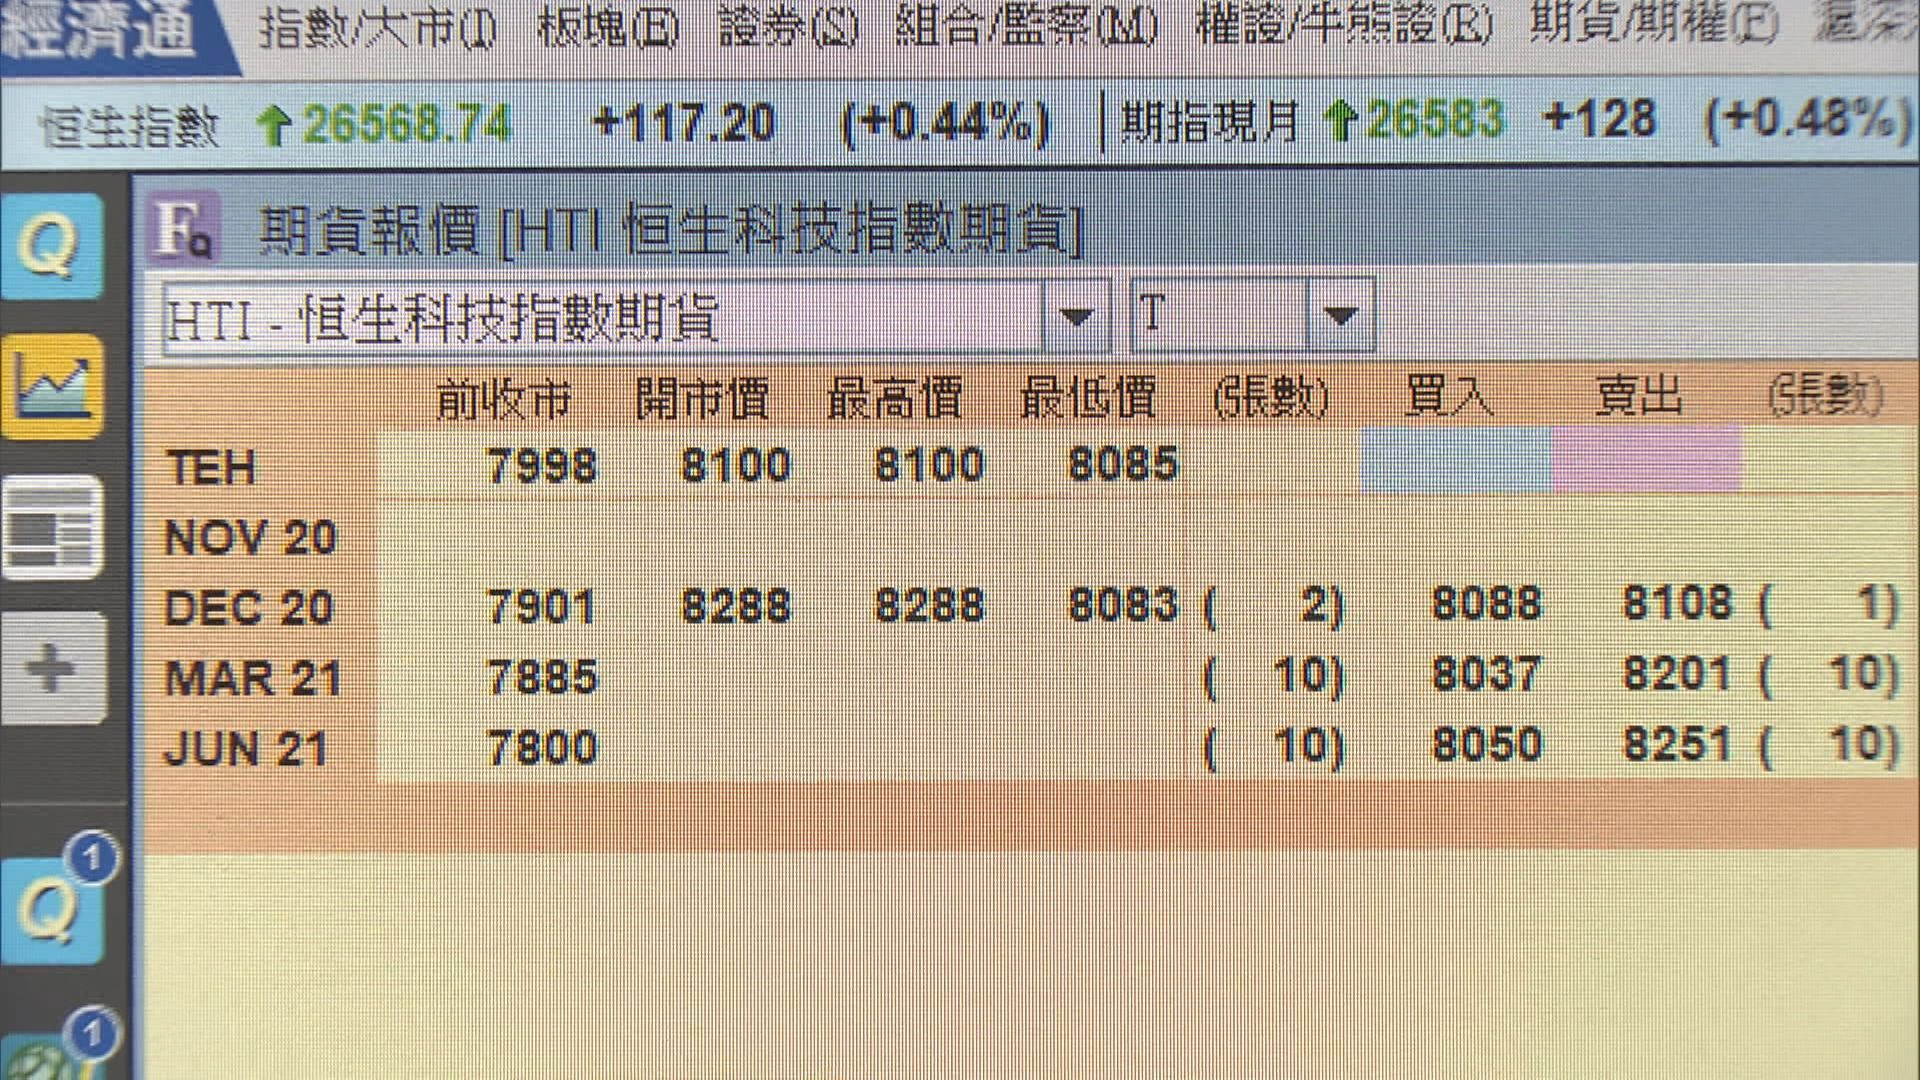 恒生科技指數期貨首日推出 上午成交張數逾200張